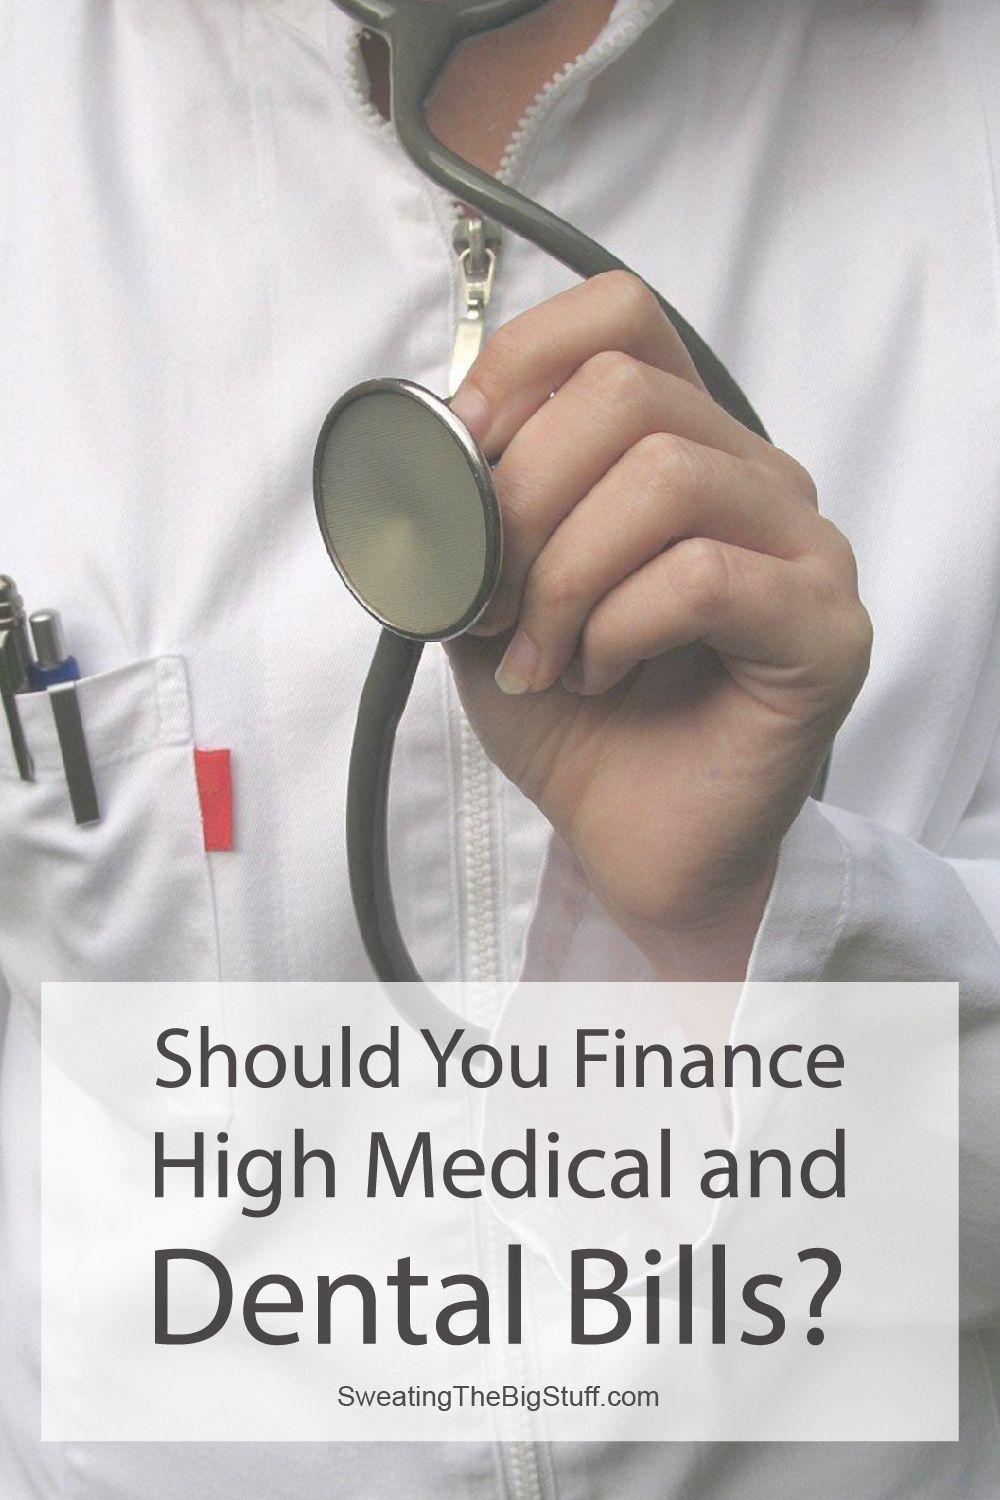 Should You Finance High Medical and Dental Bills?